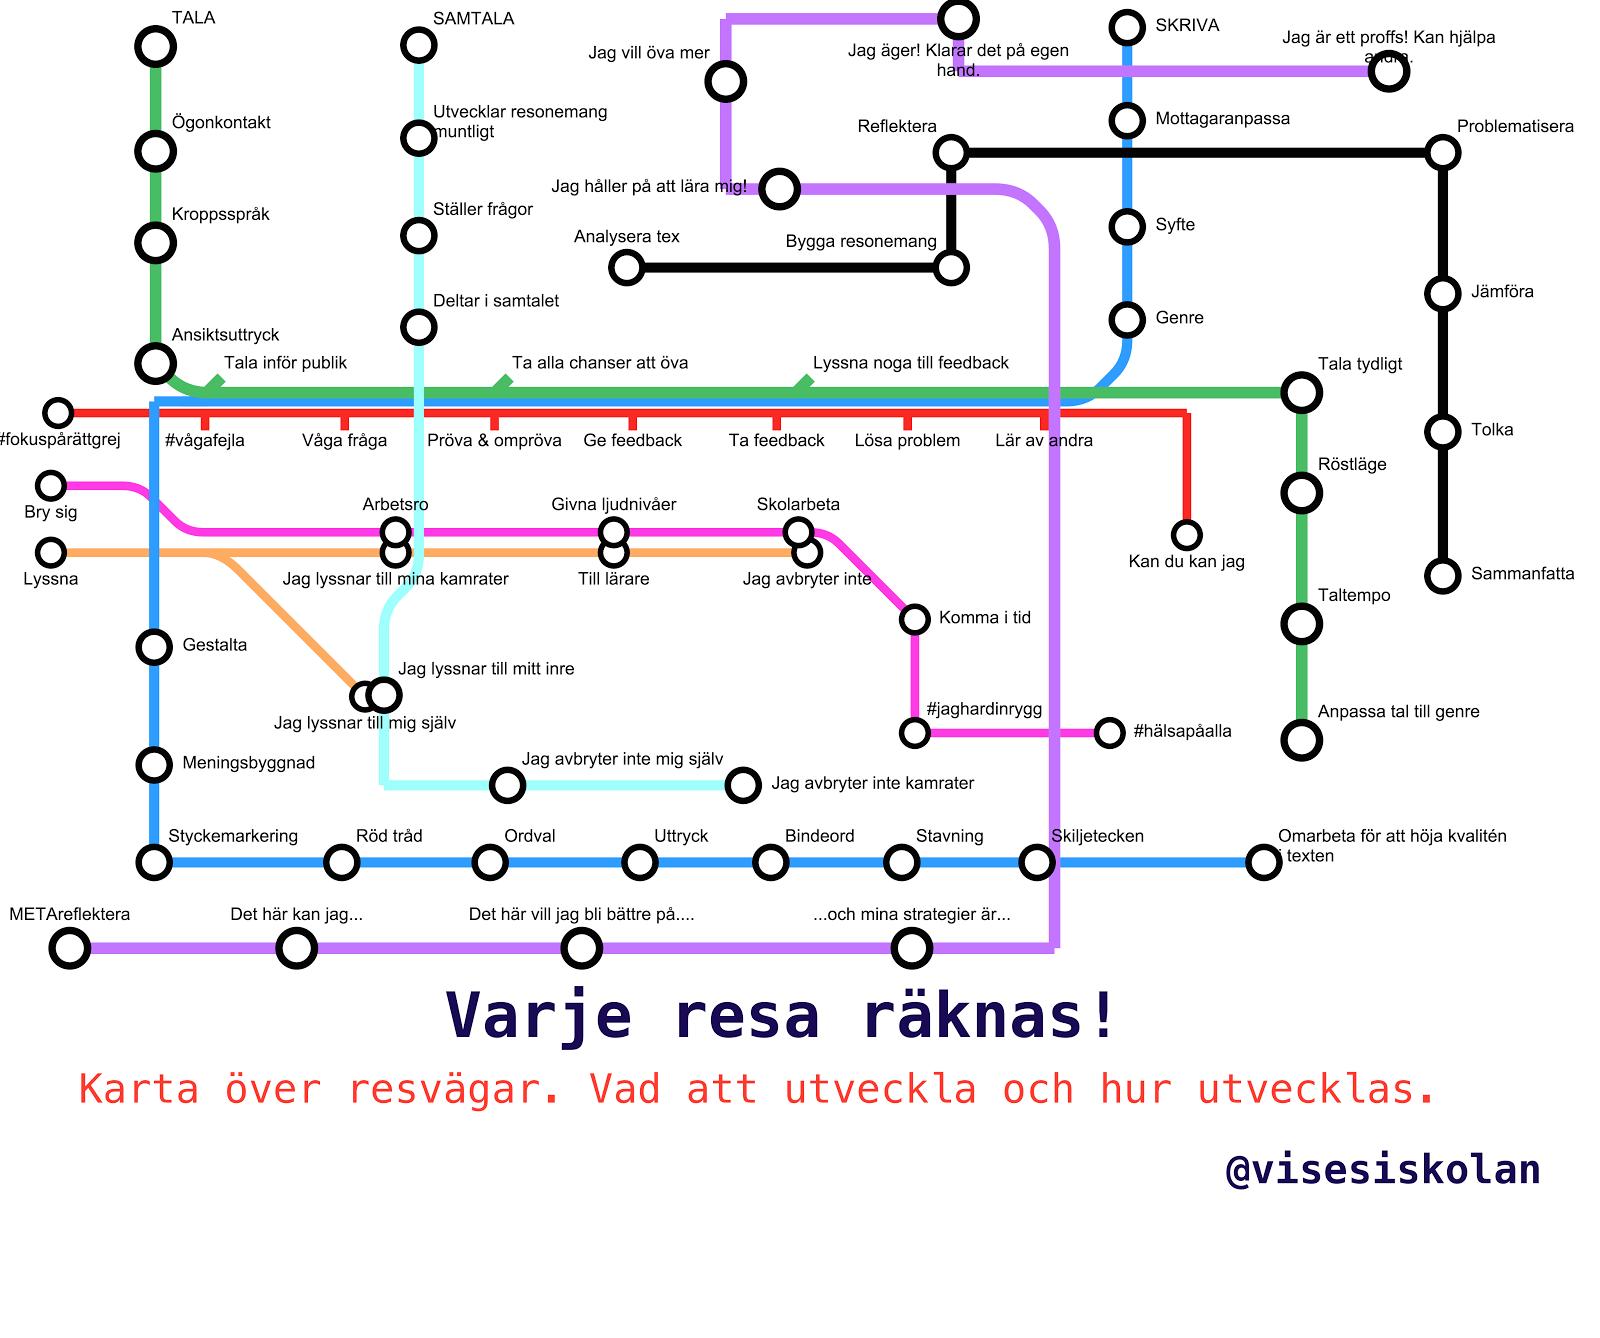 Att utveckla det svenska språket är en resa!